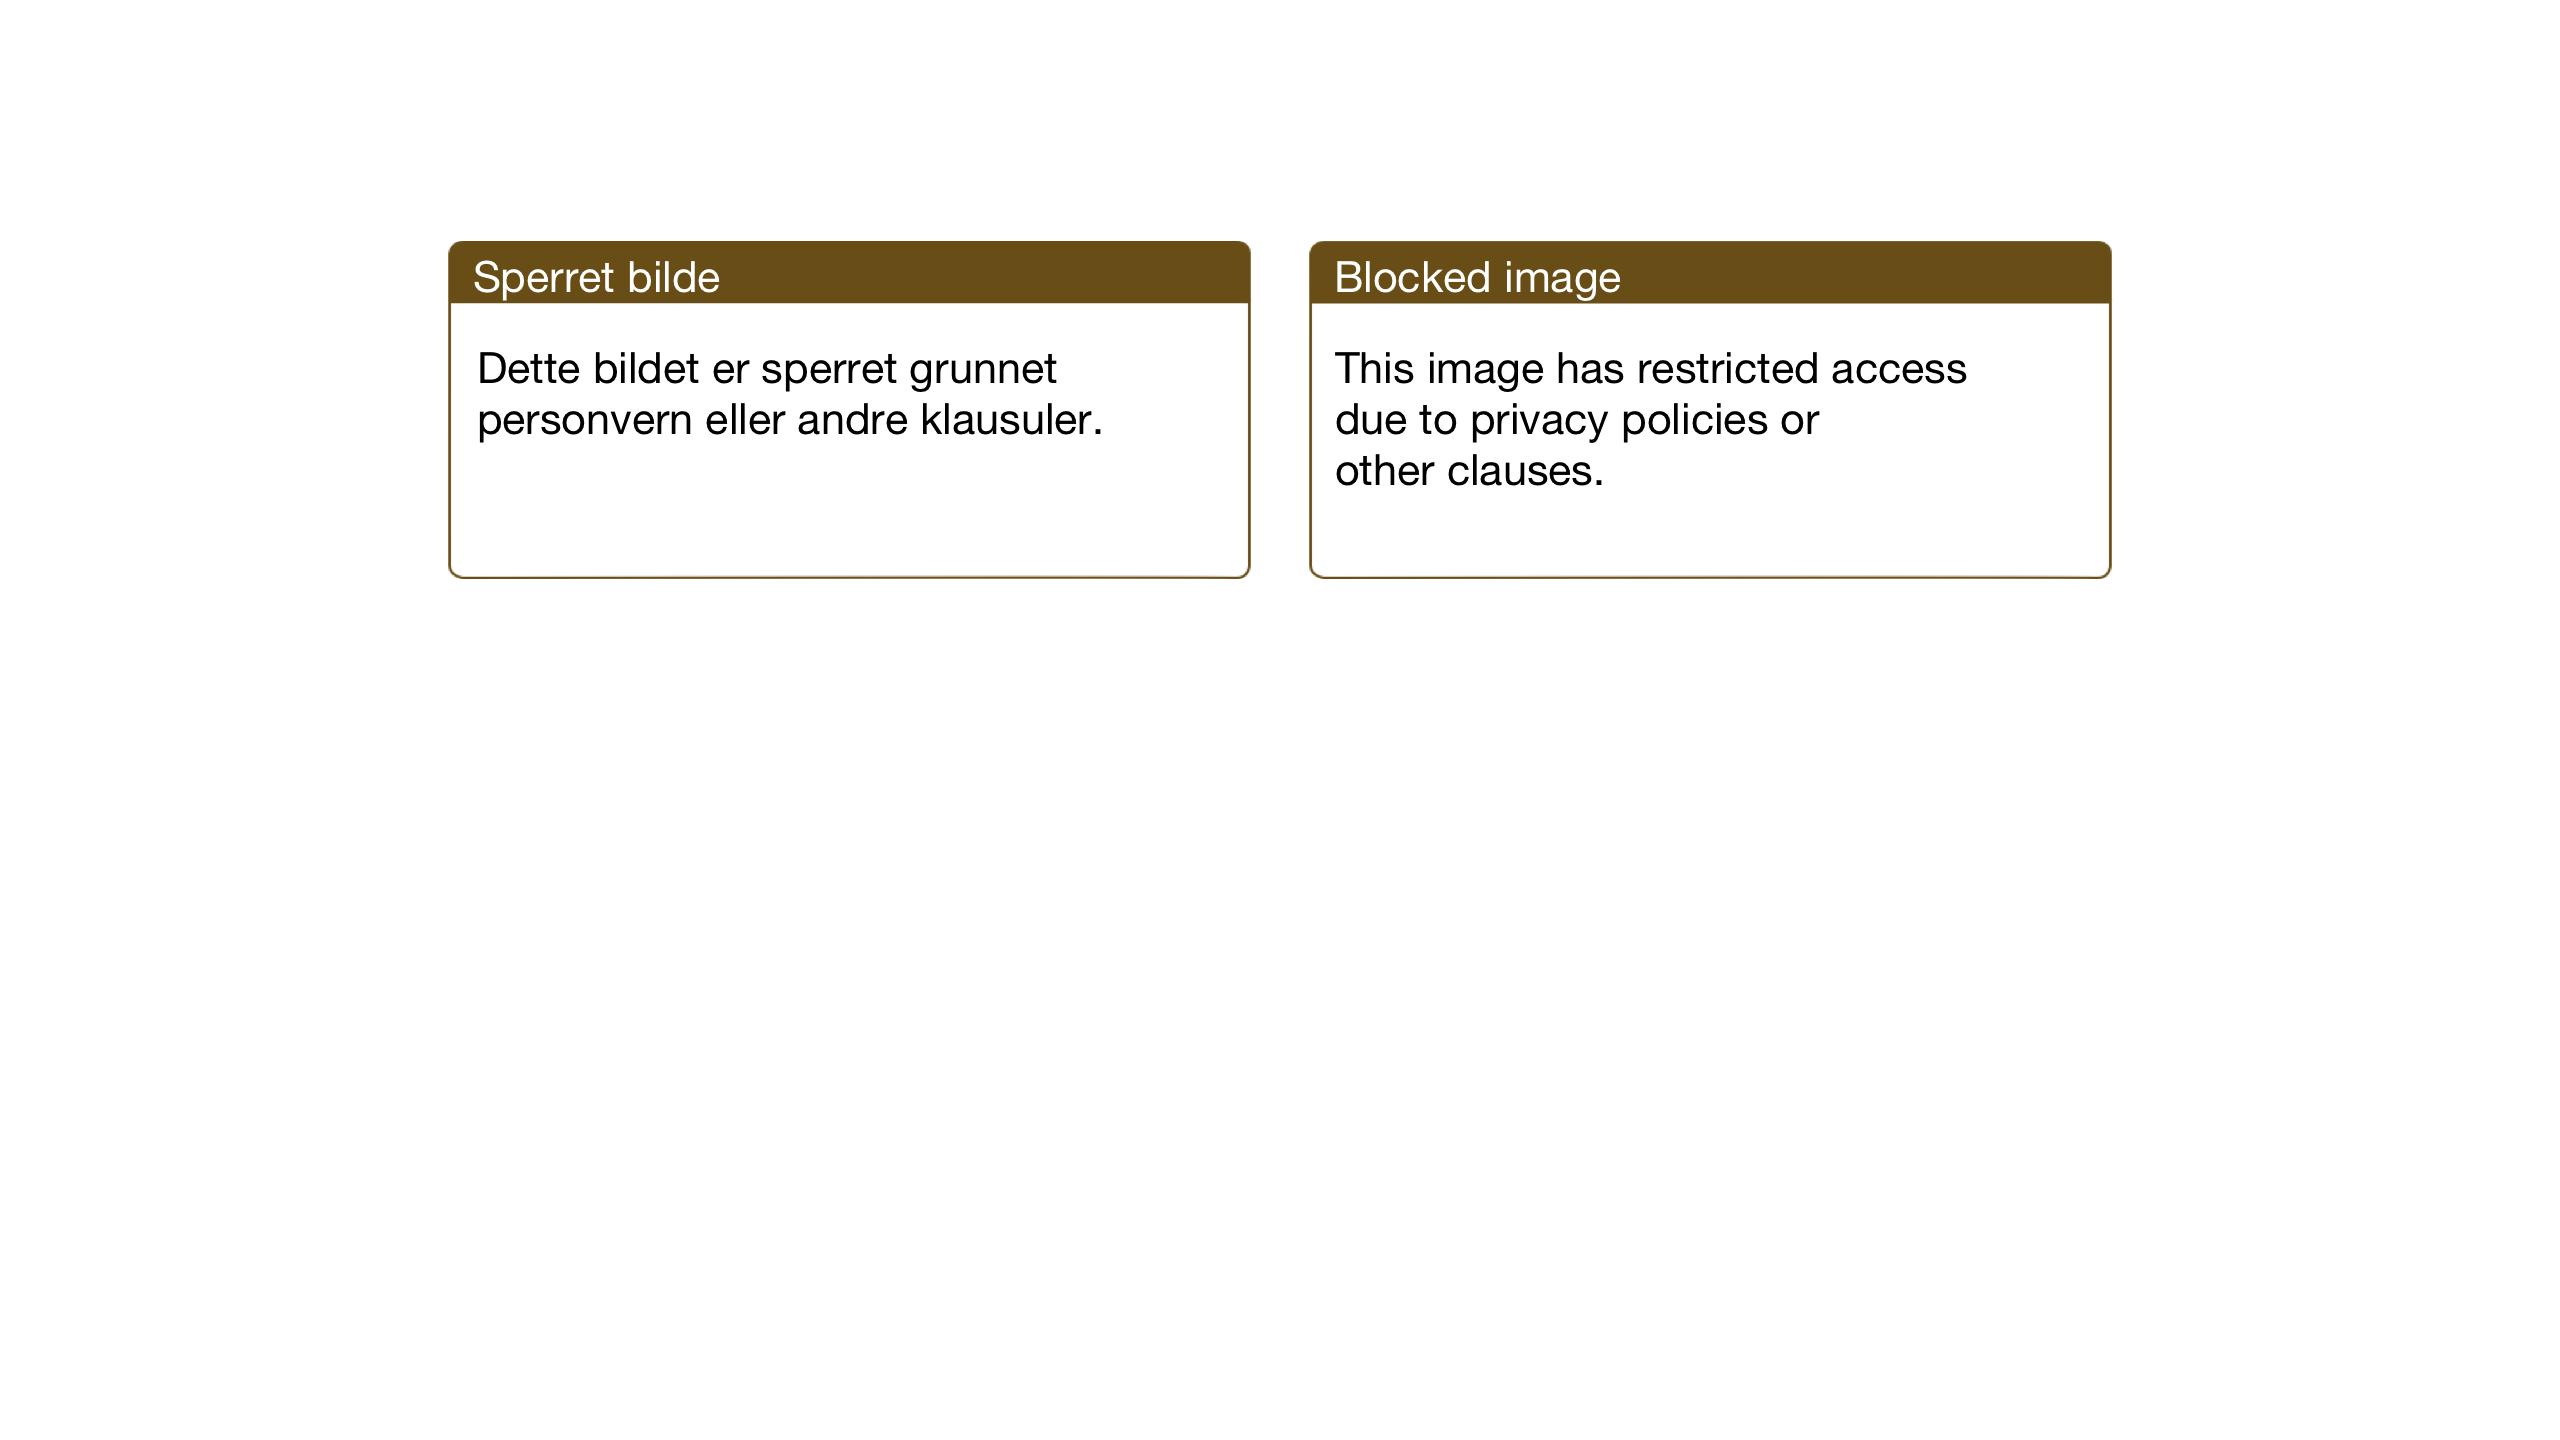 SAT, Ministerialprotokoller, klokkerbøker og fødselsregistre - Sør-Trøndelag, 603/L0175: Klokkerbok nr. 603C03, 1923-1941, s. 167